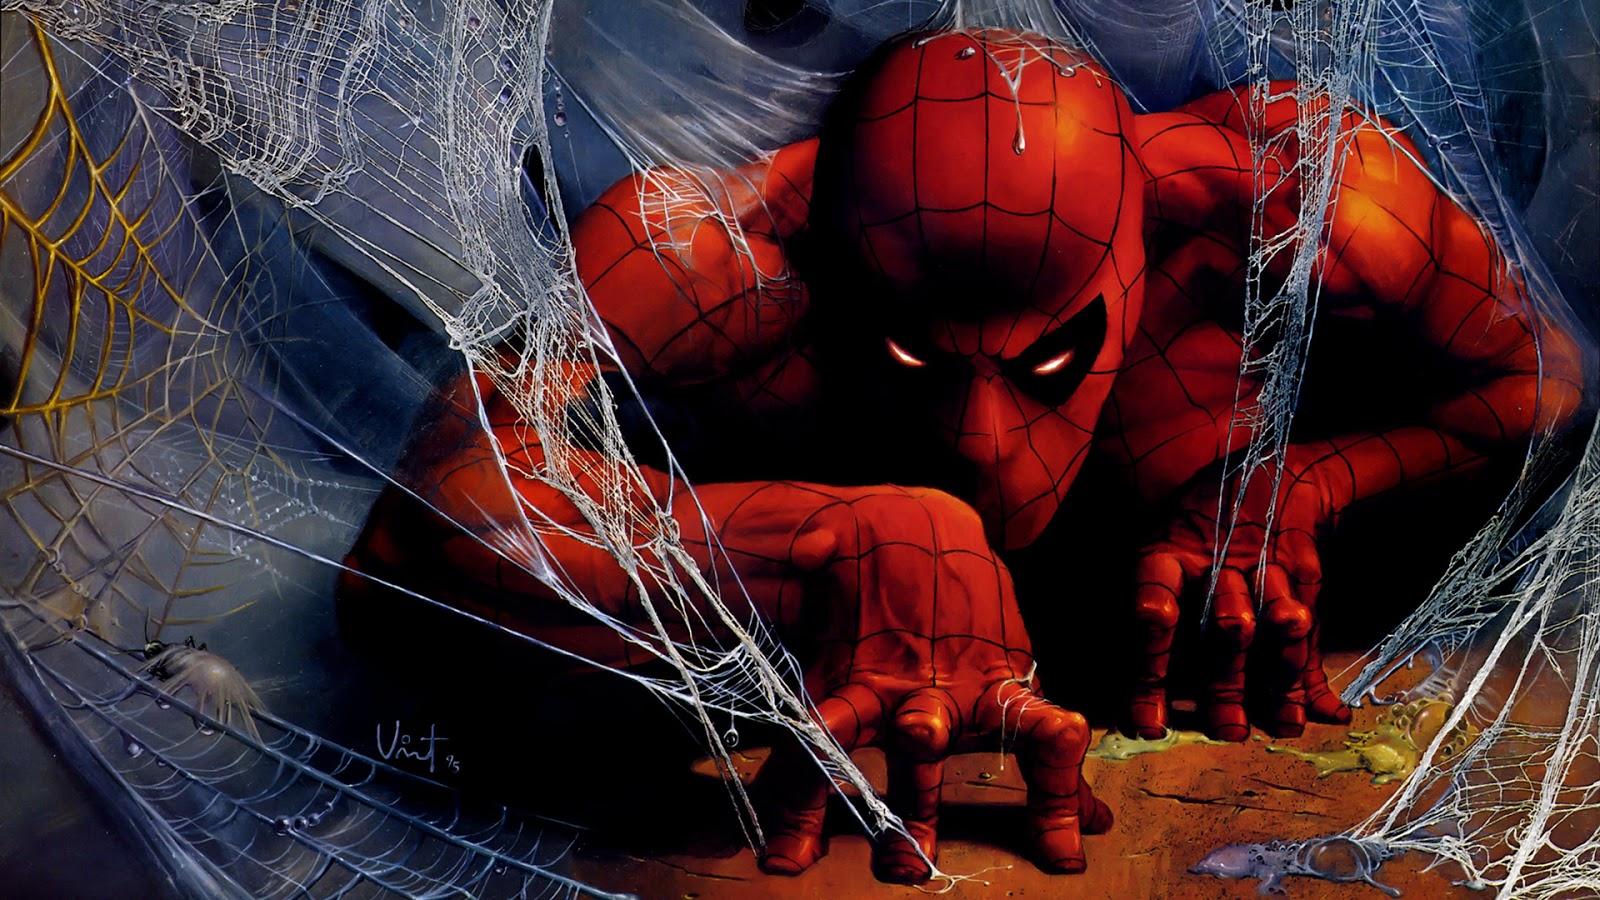 Dangerous Spiderman HD  Web Art Images